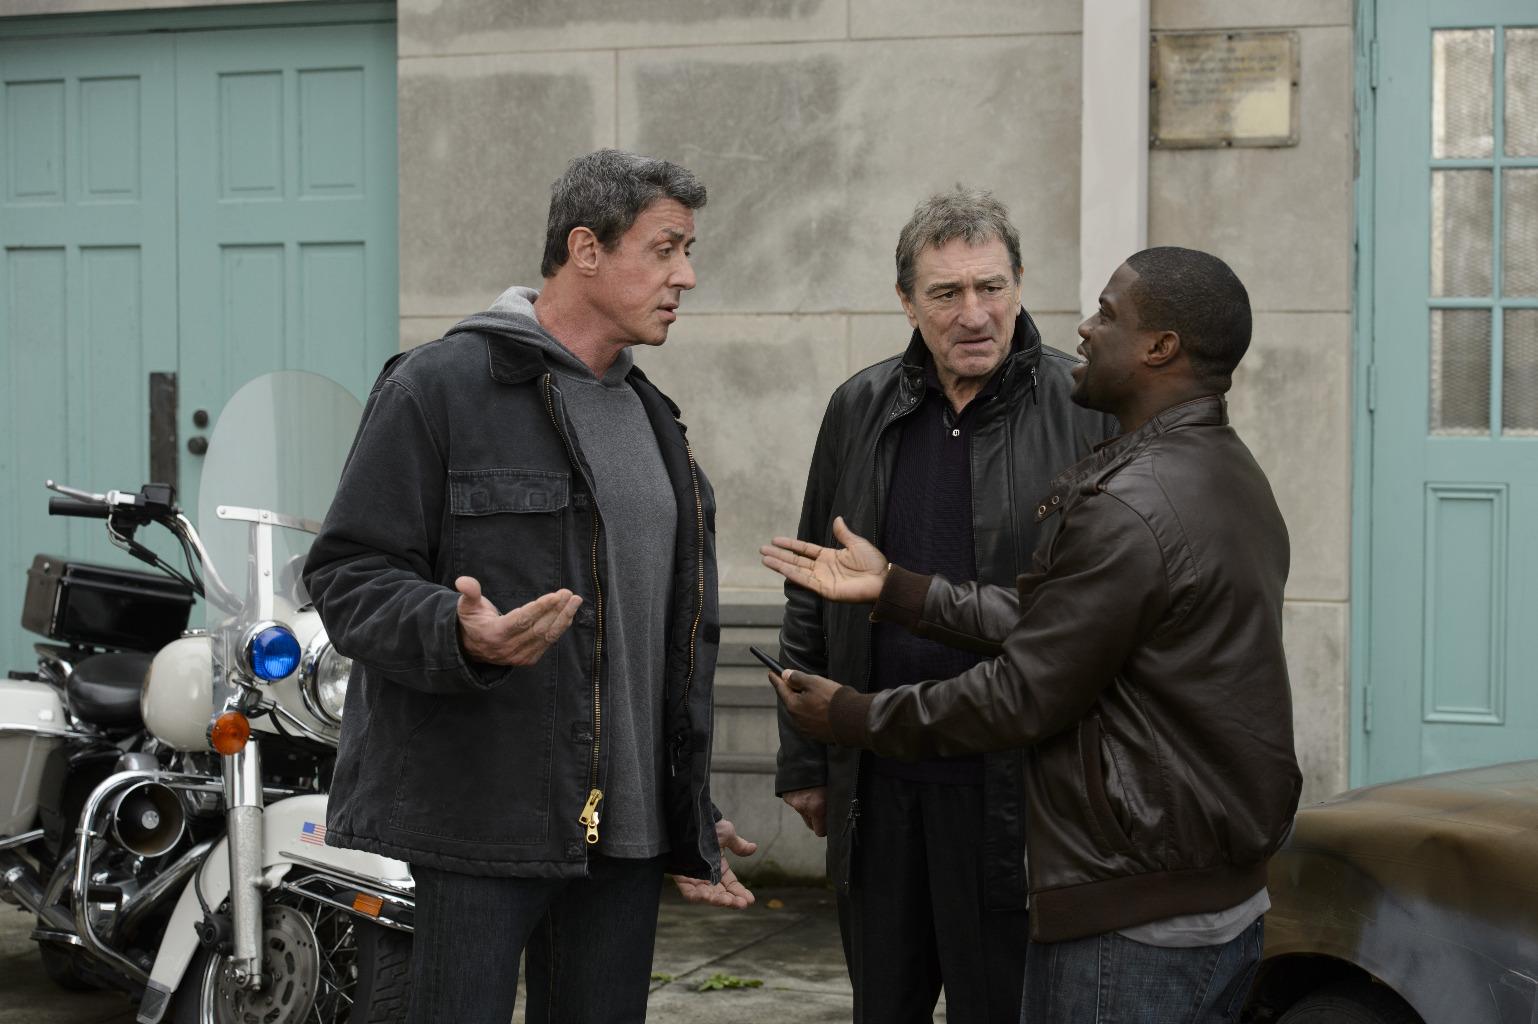 """Stallone, De Niro und Kevin Hart auf dem offiziellen Filmbild aus dem Boxfilm """"Grudge Match"""""""